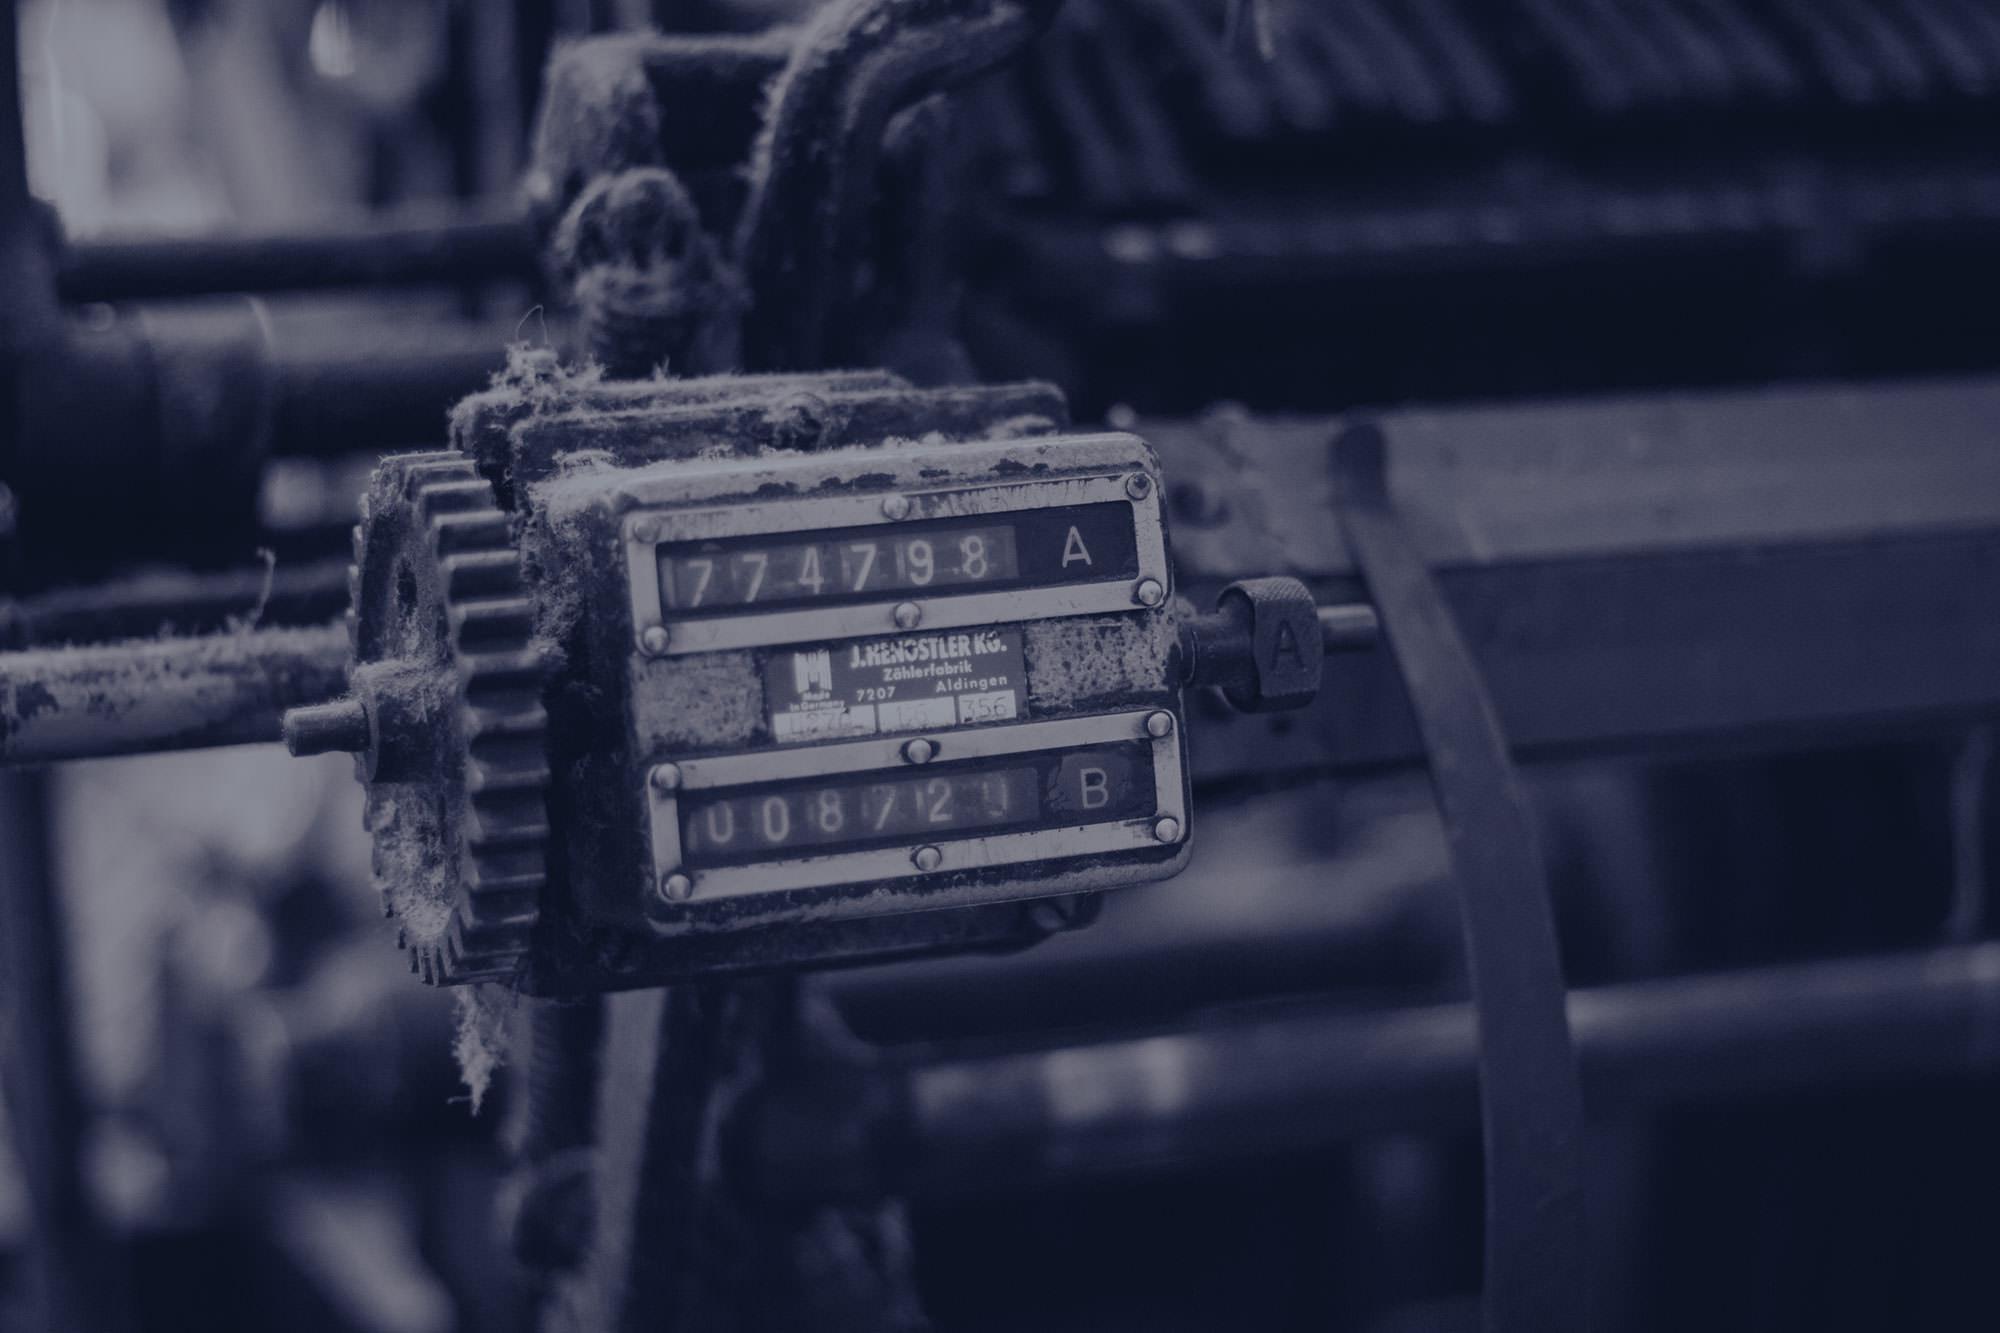 alte Maschinen ergänzen die Handarbeit